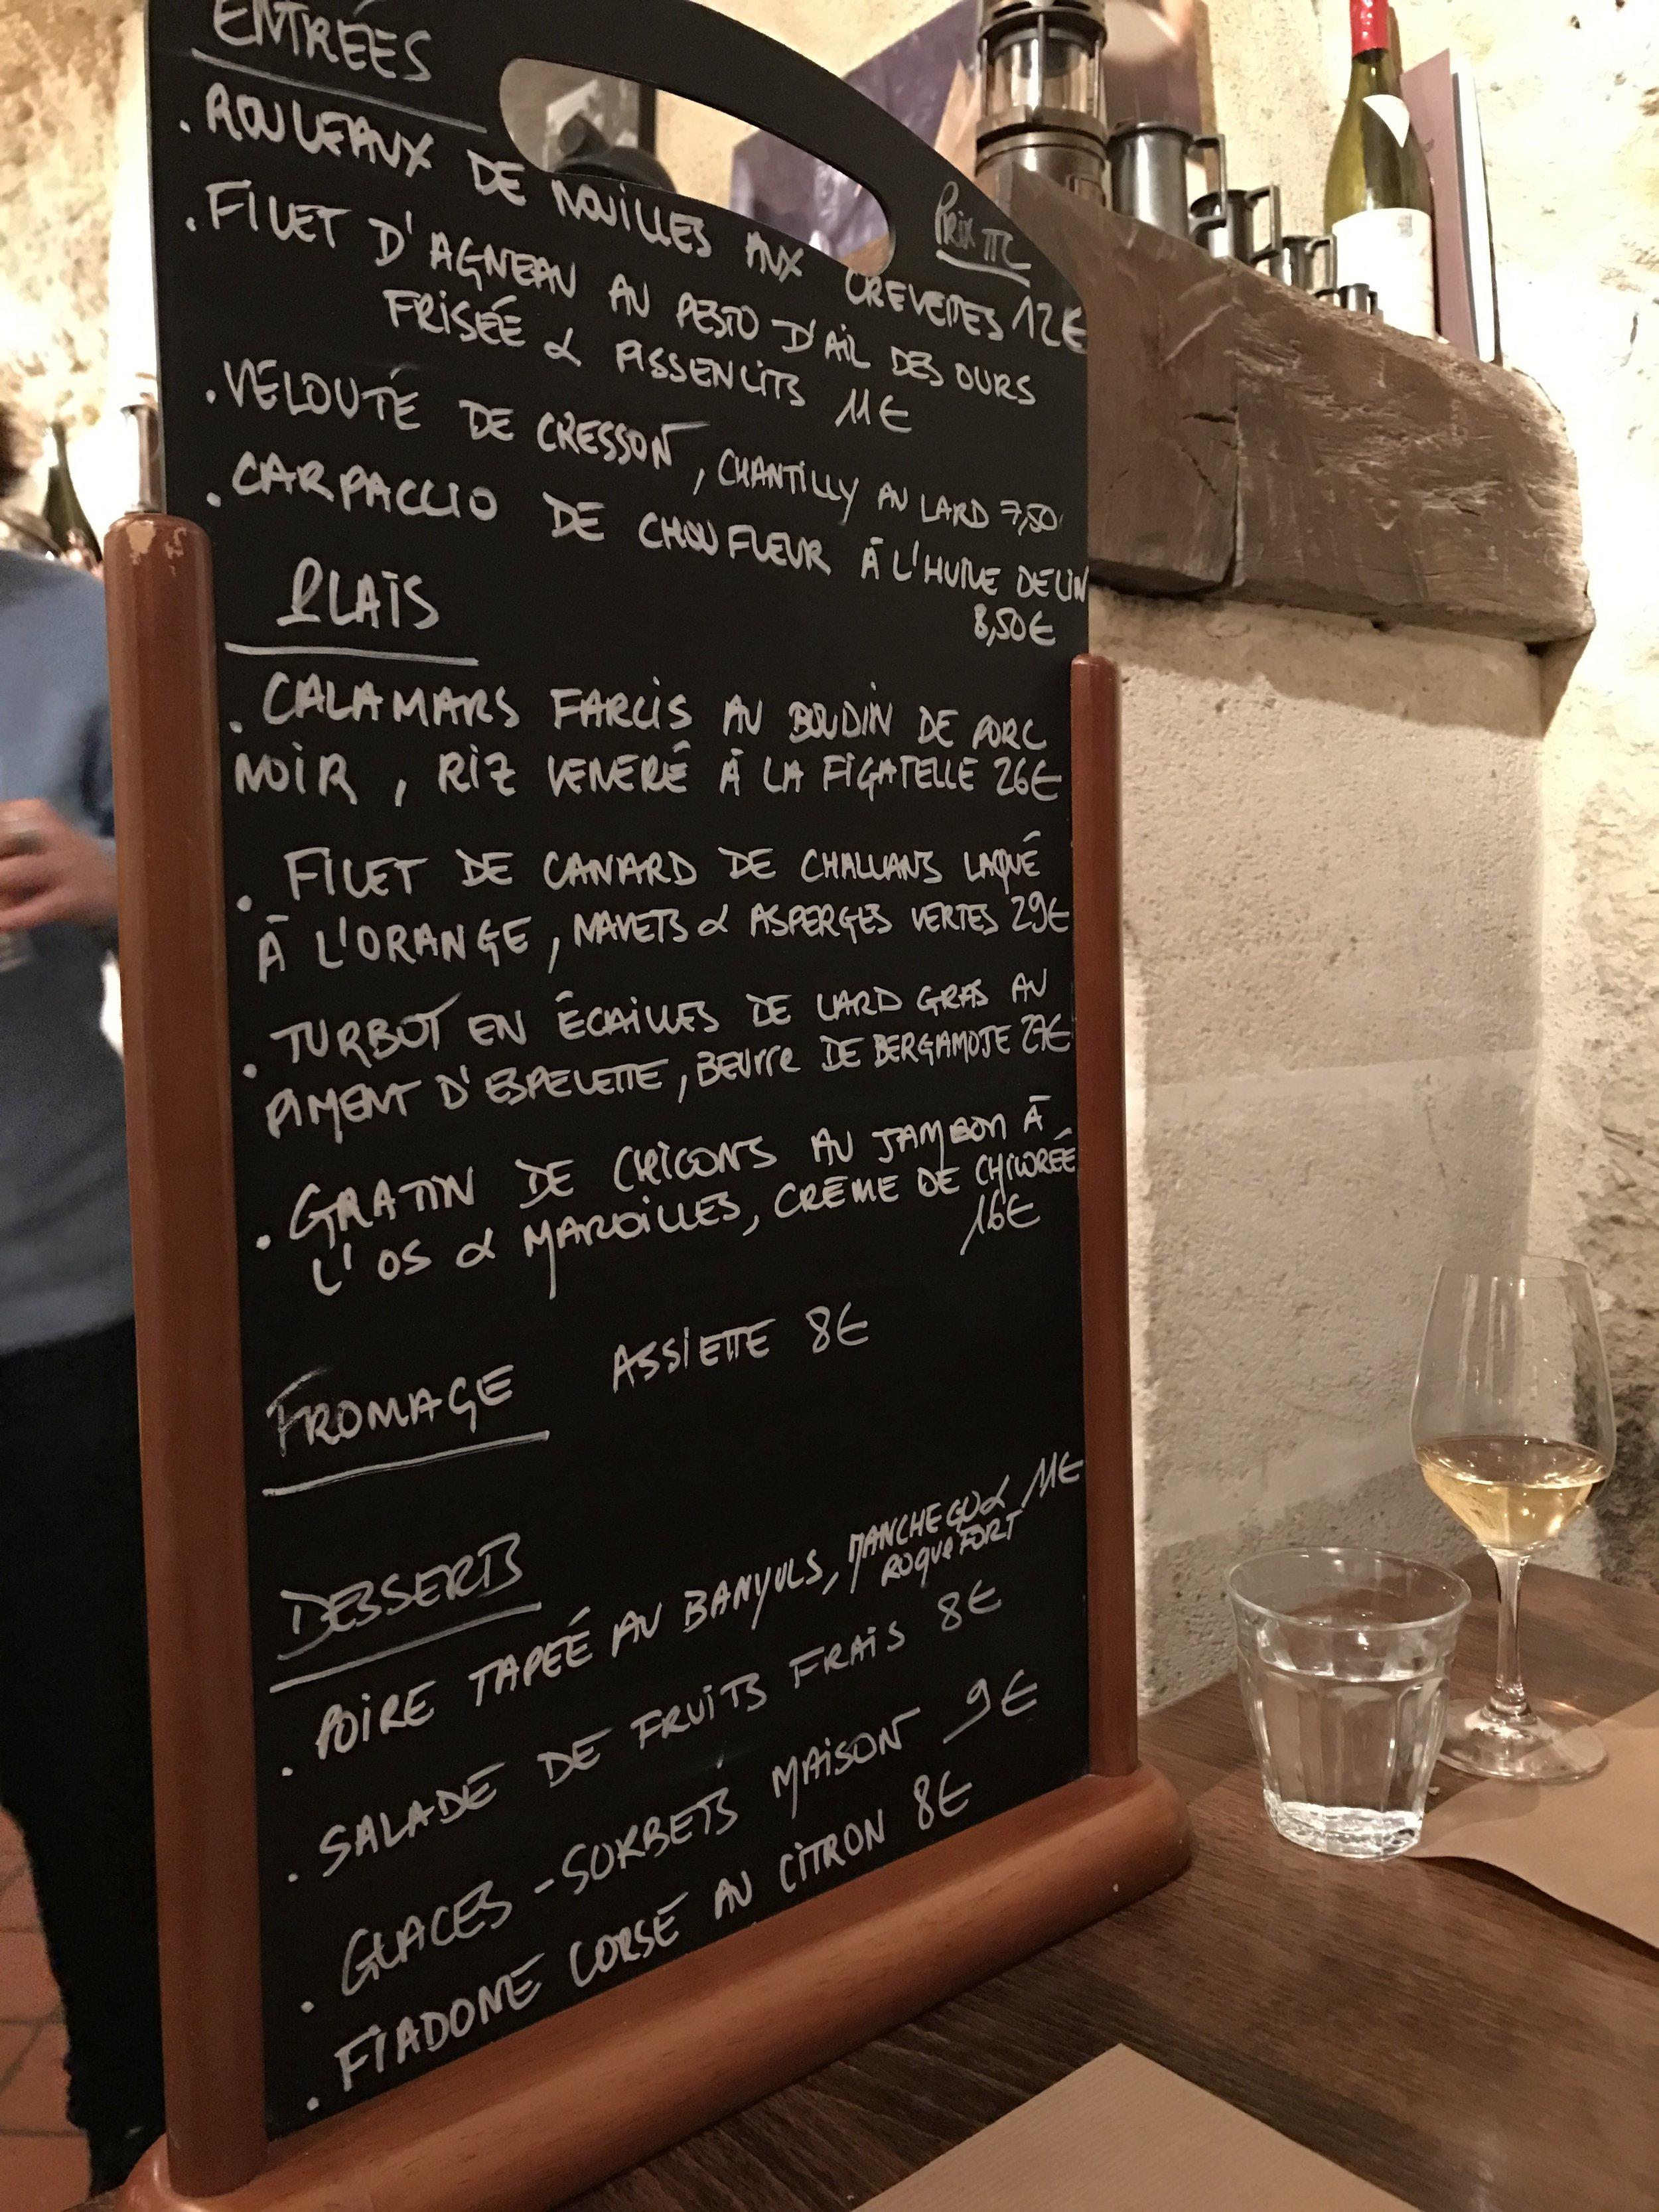 The menu du jour at Les Gueules Noires